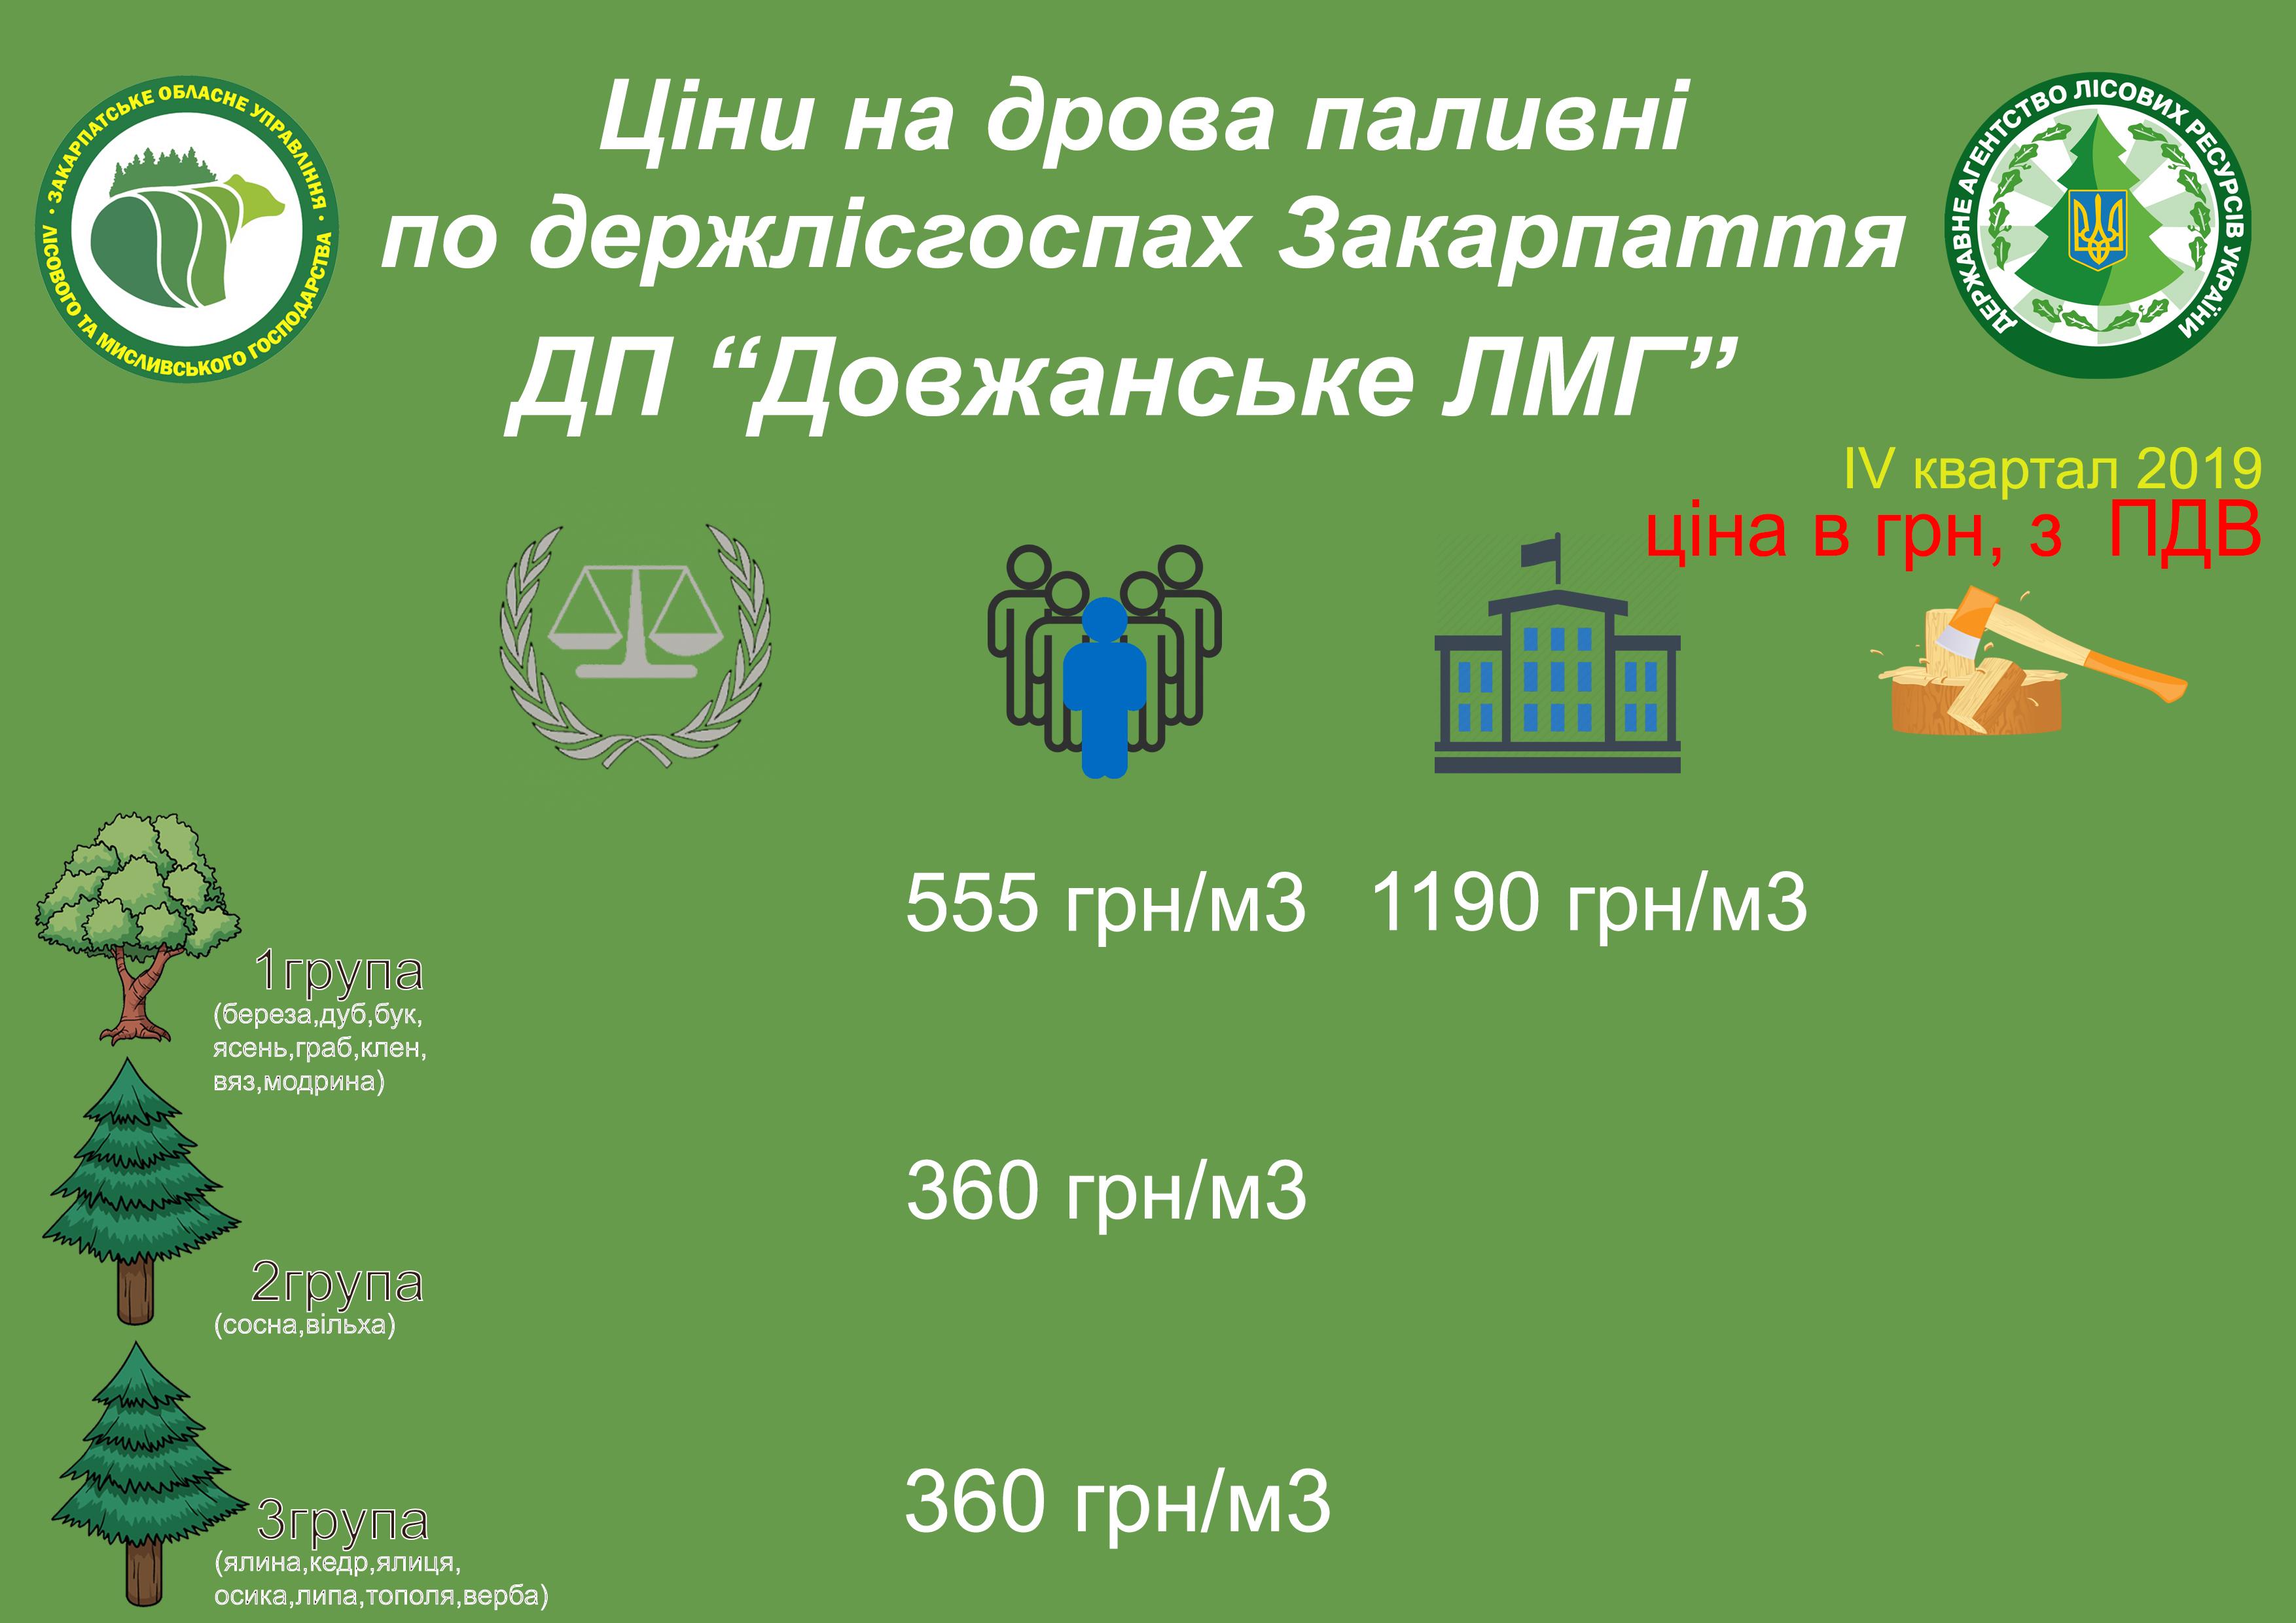 """ДП """"Довжанське ЛМГ"""""""